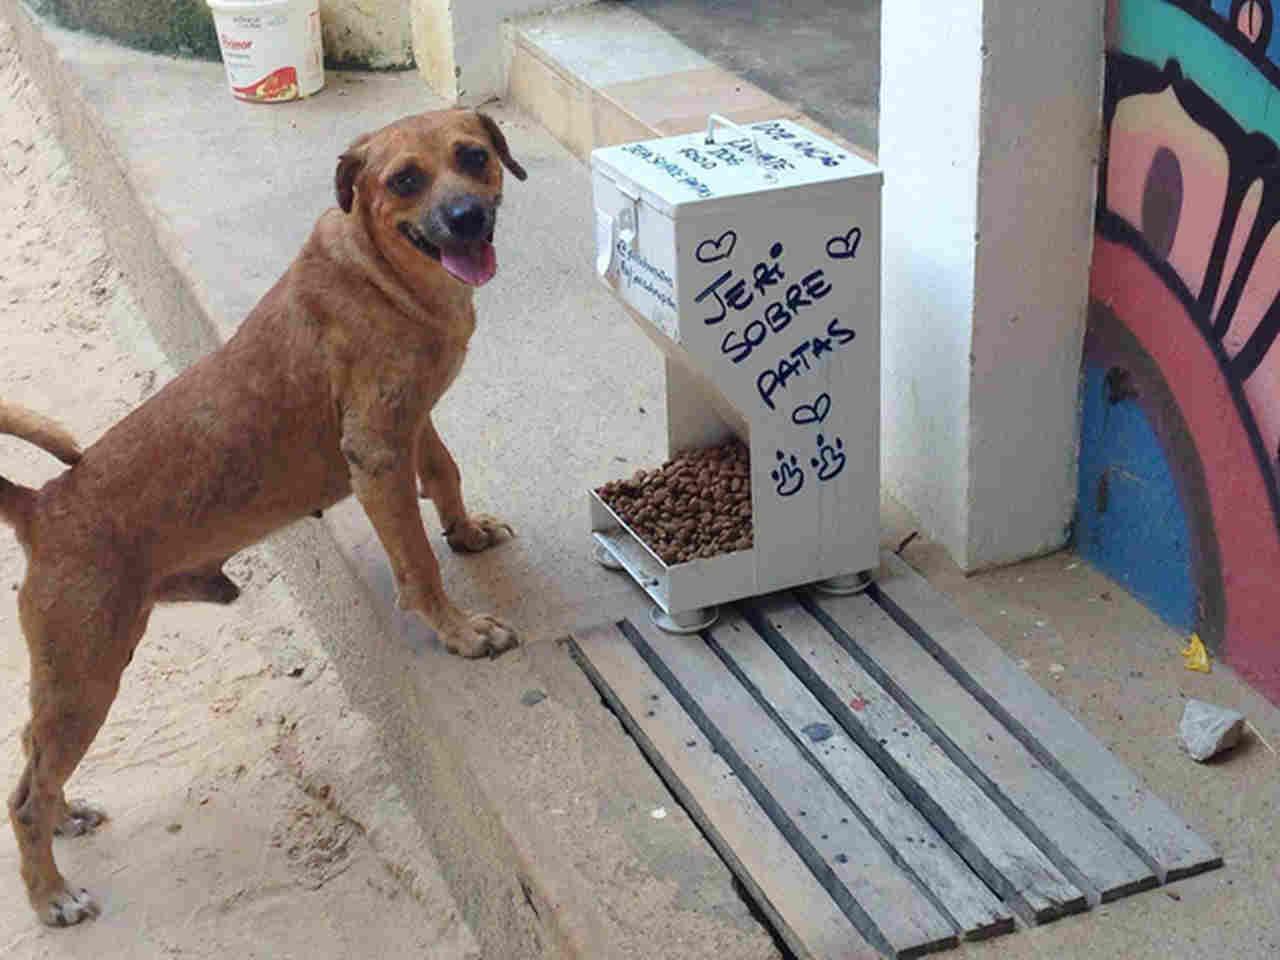 Vereador quer comedouros para animais em praças de Goiânia | Foto: Reprodução